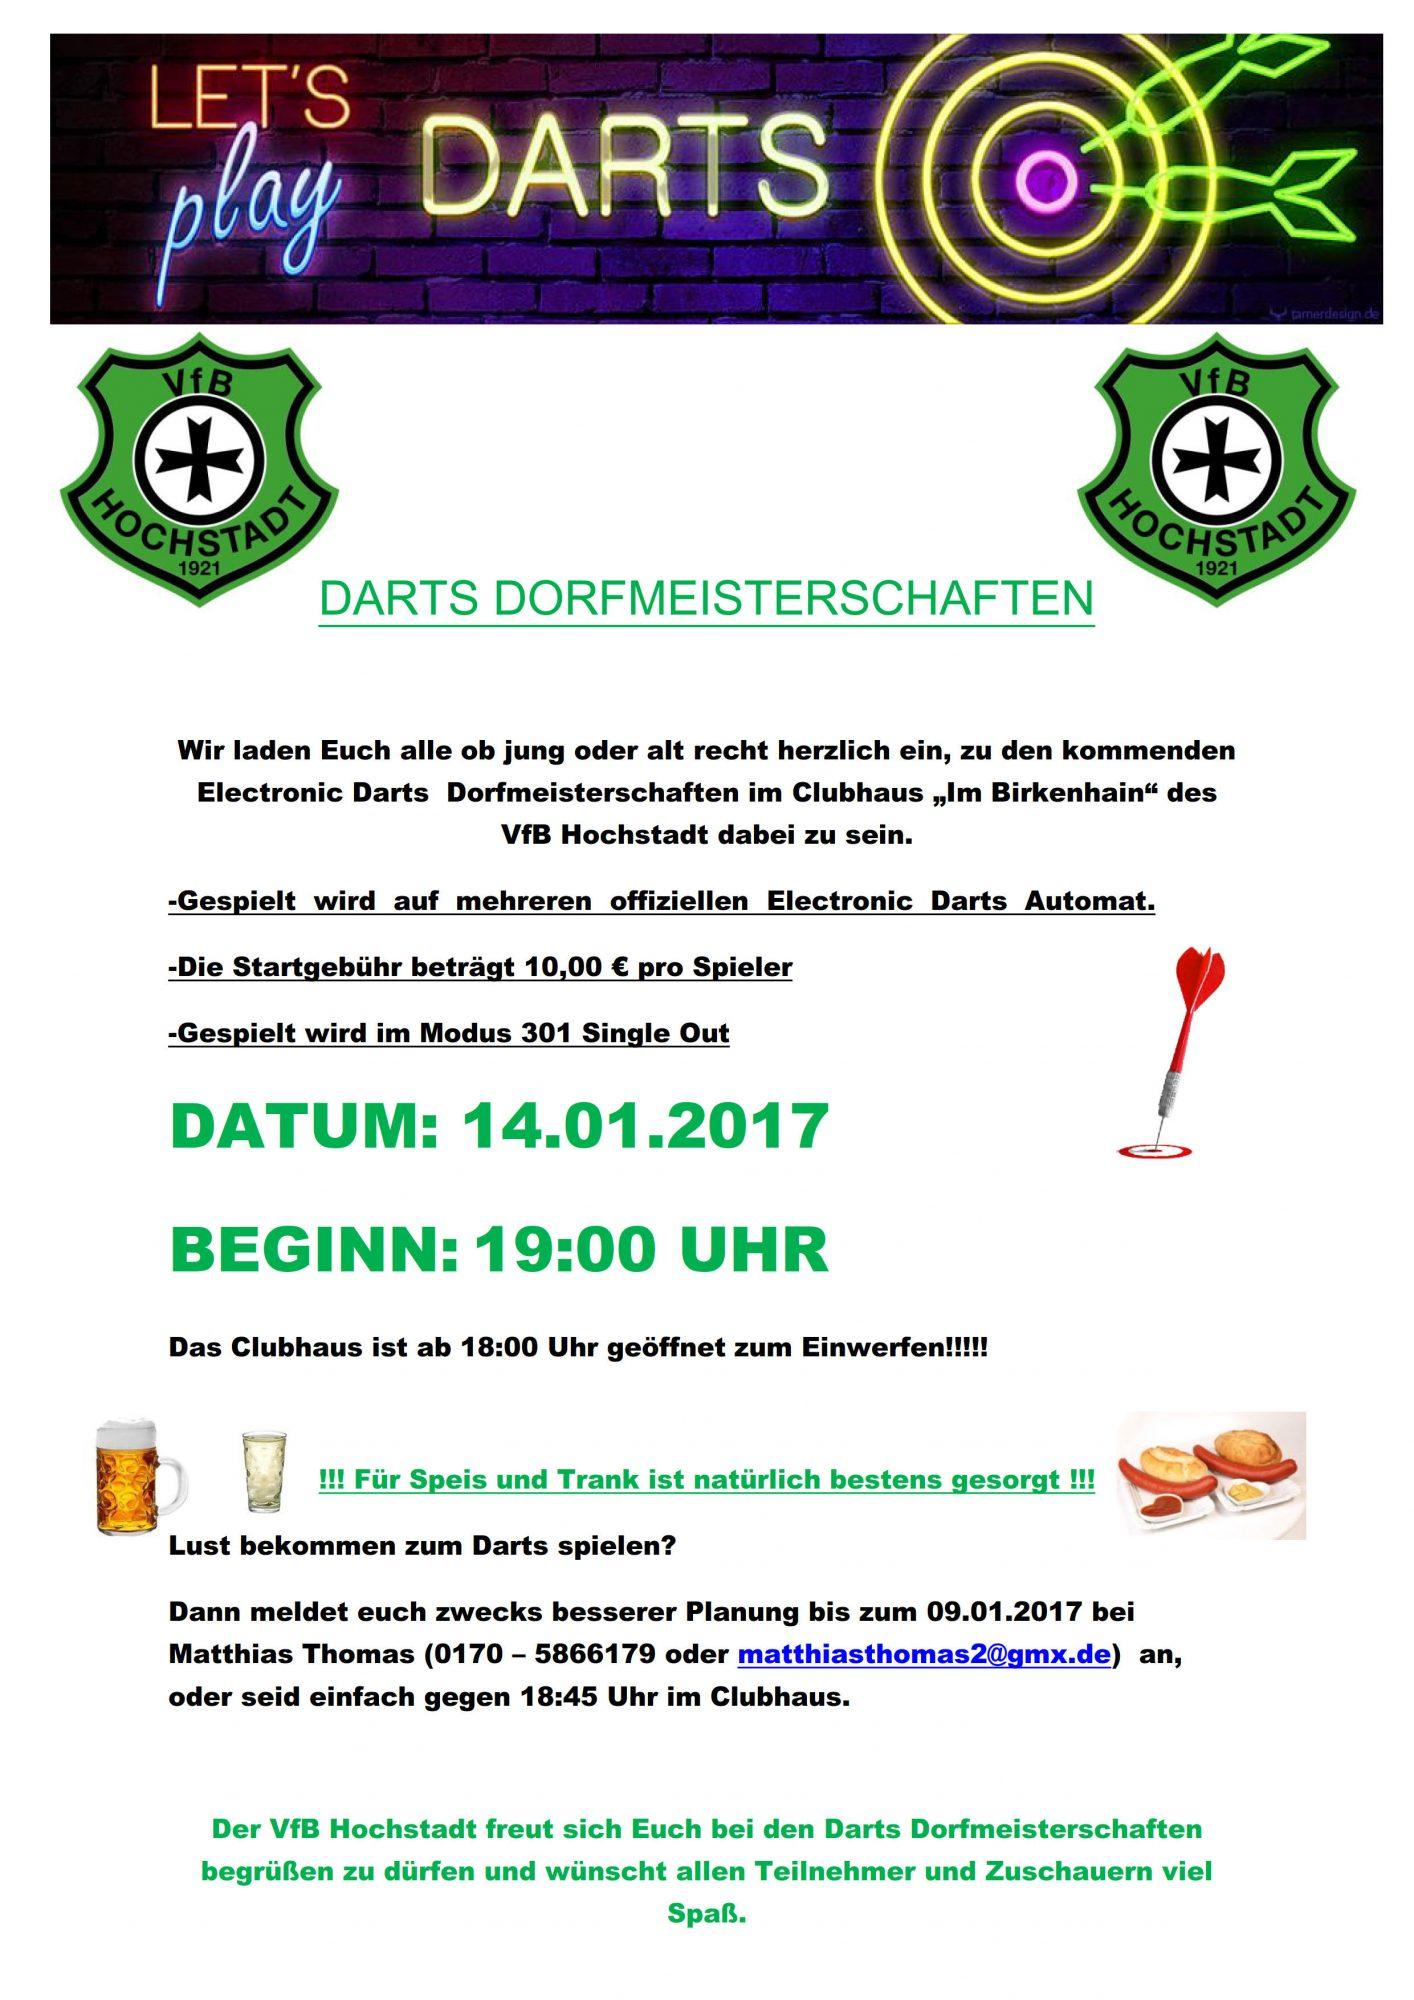 darts-dorfmeisterschaften-2017